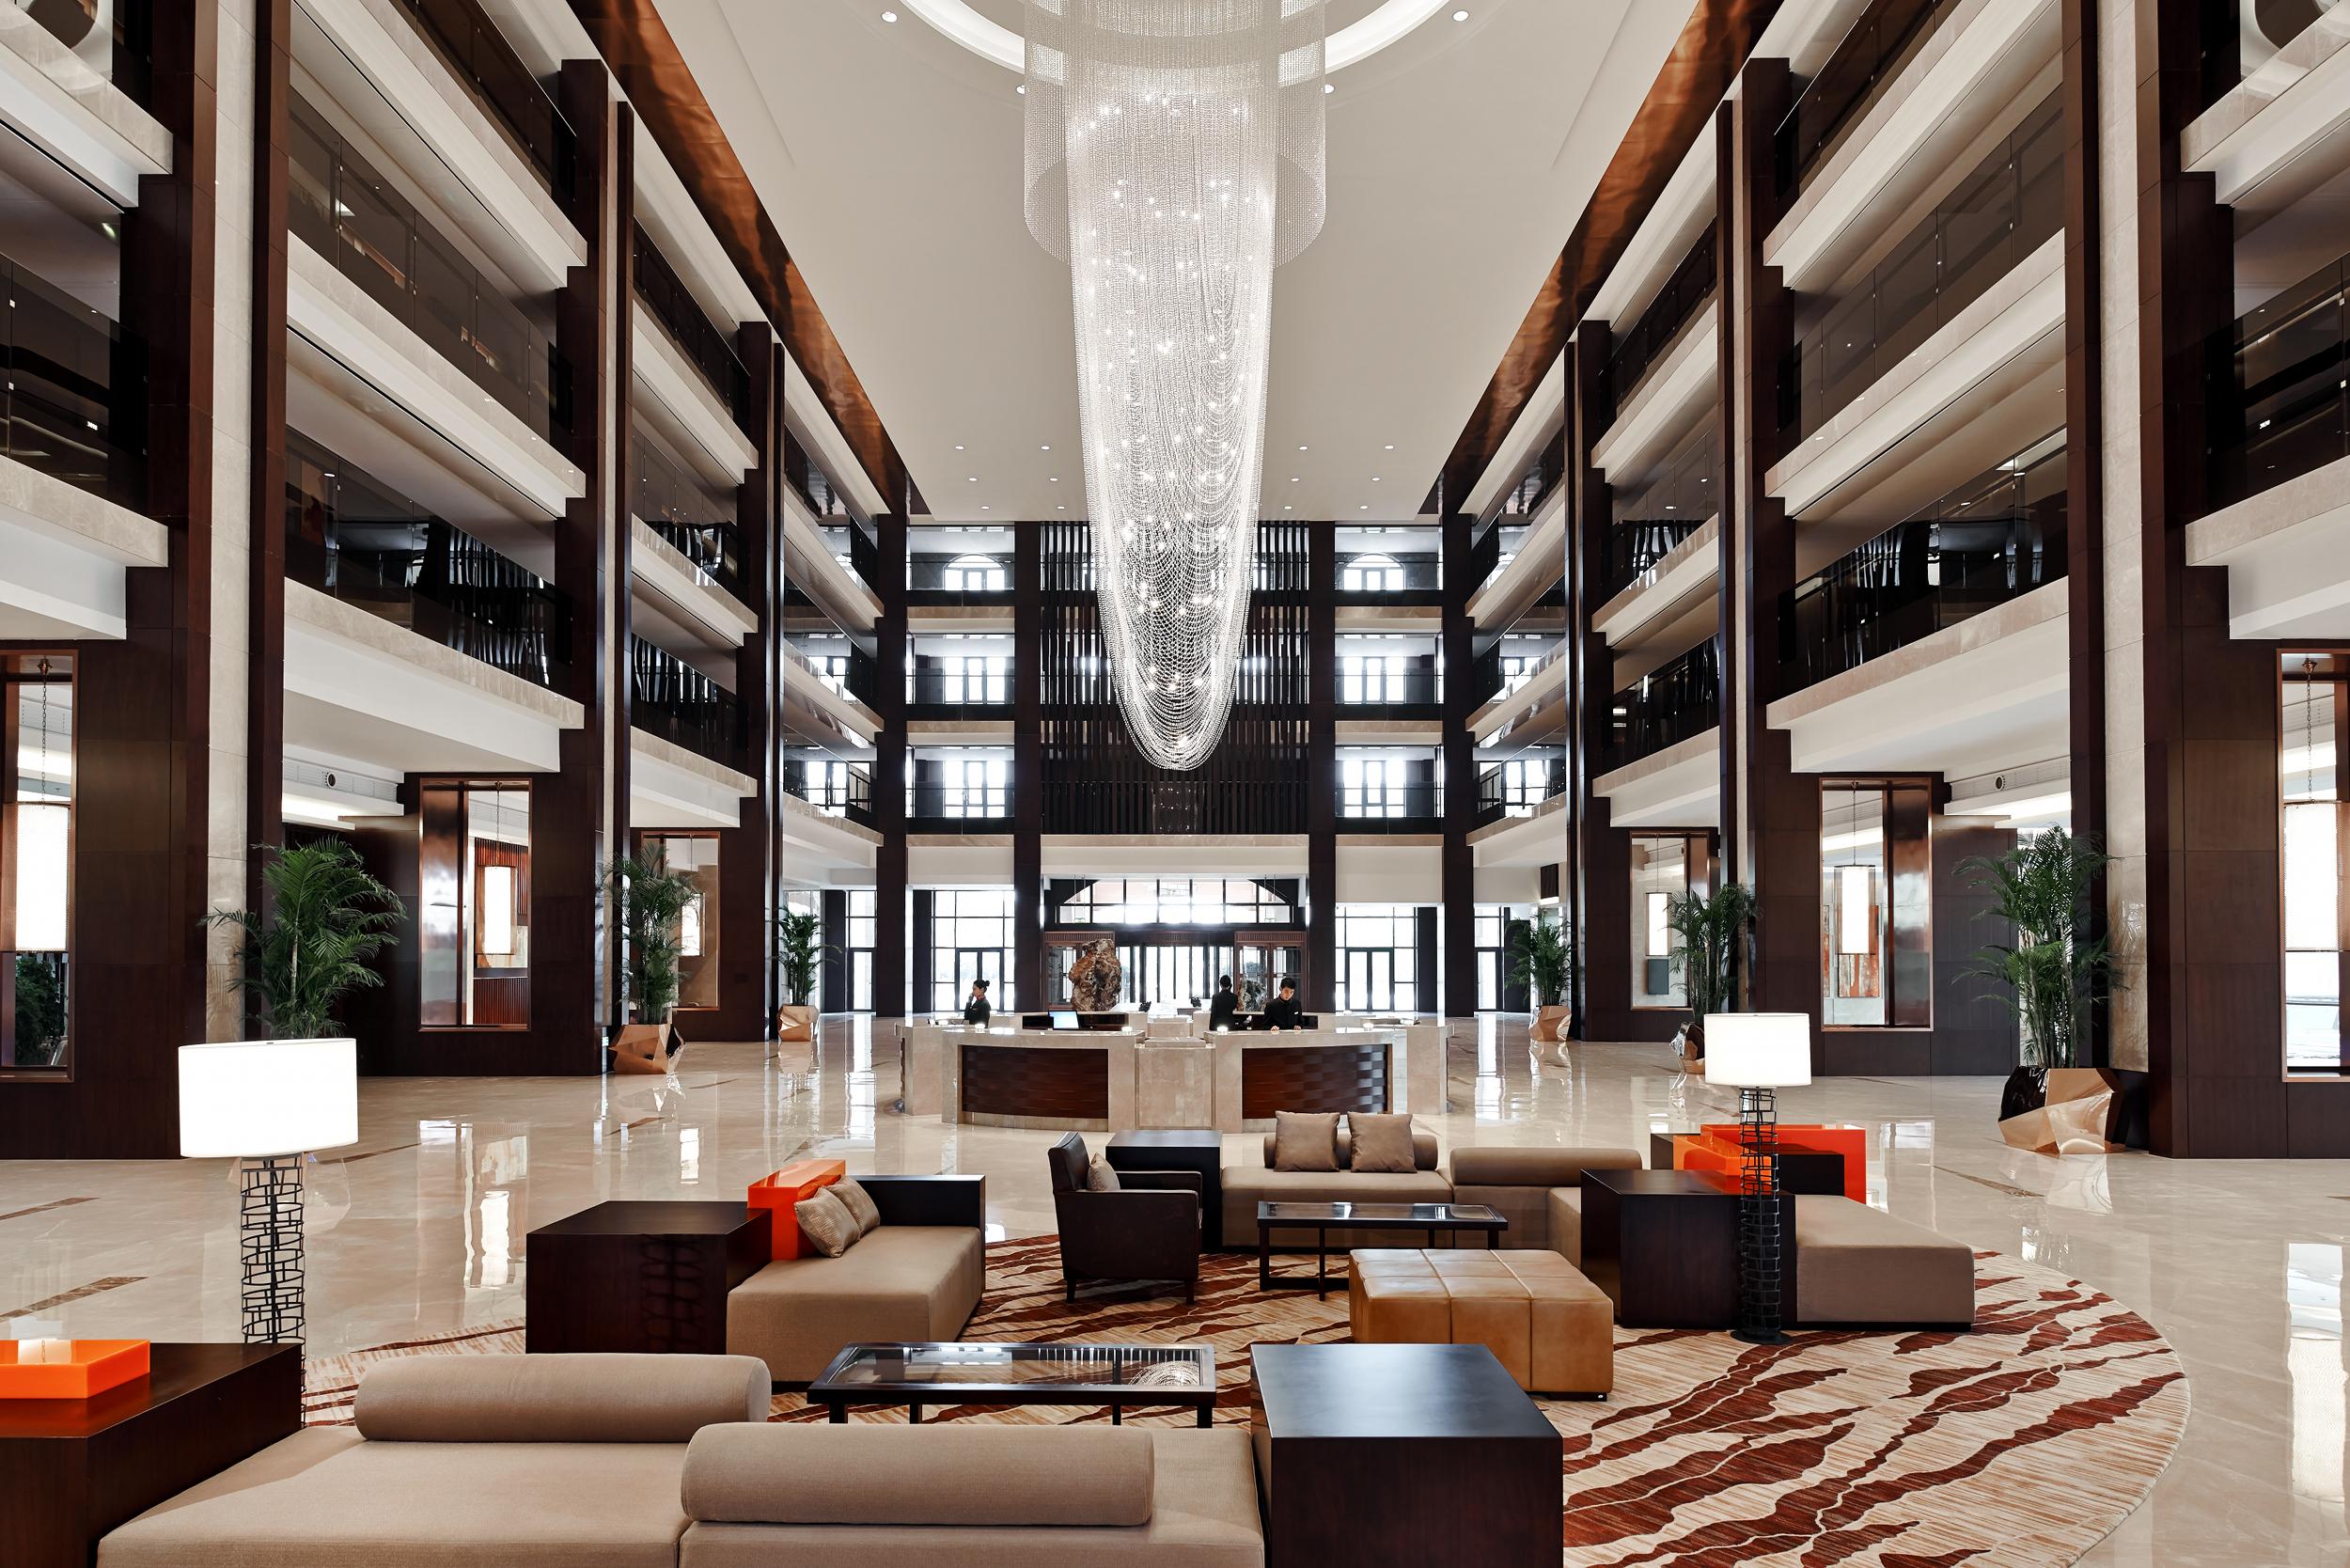 Marriott ouvre le premier hôtel à faible émission de carbone en Chine